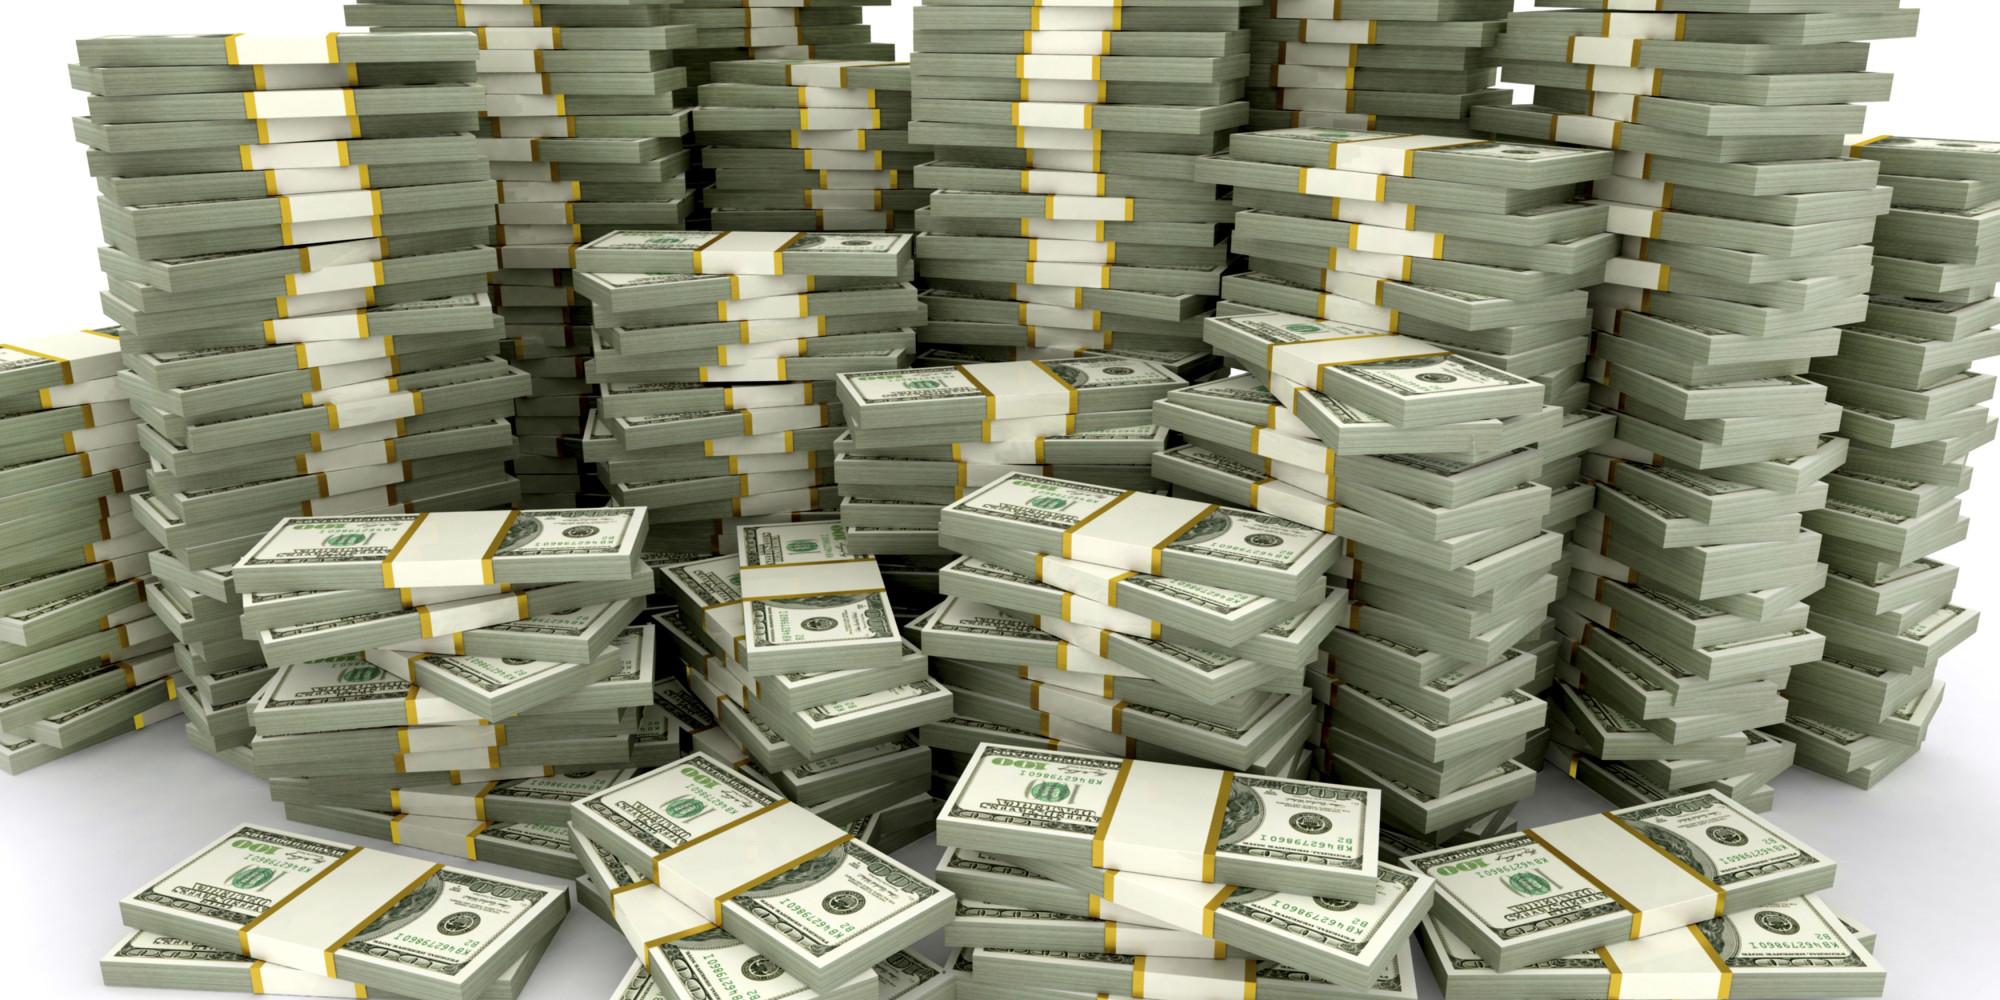 Combien coûtent en moyenne les films américains ?